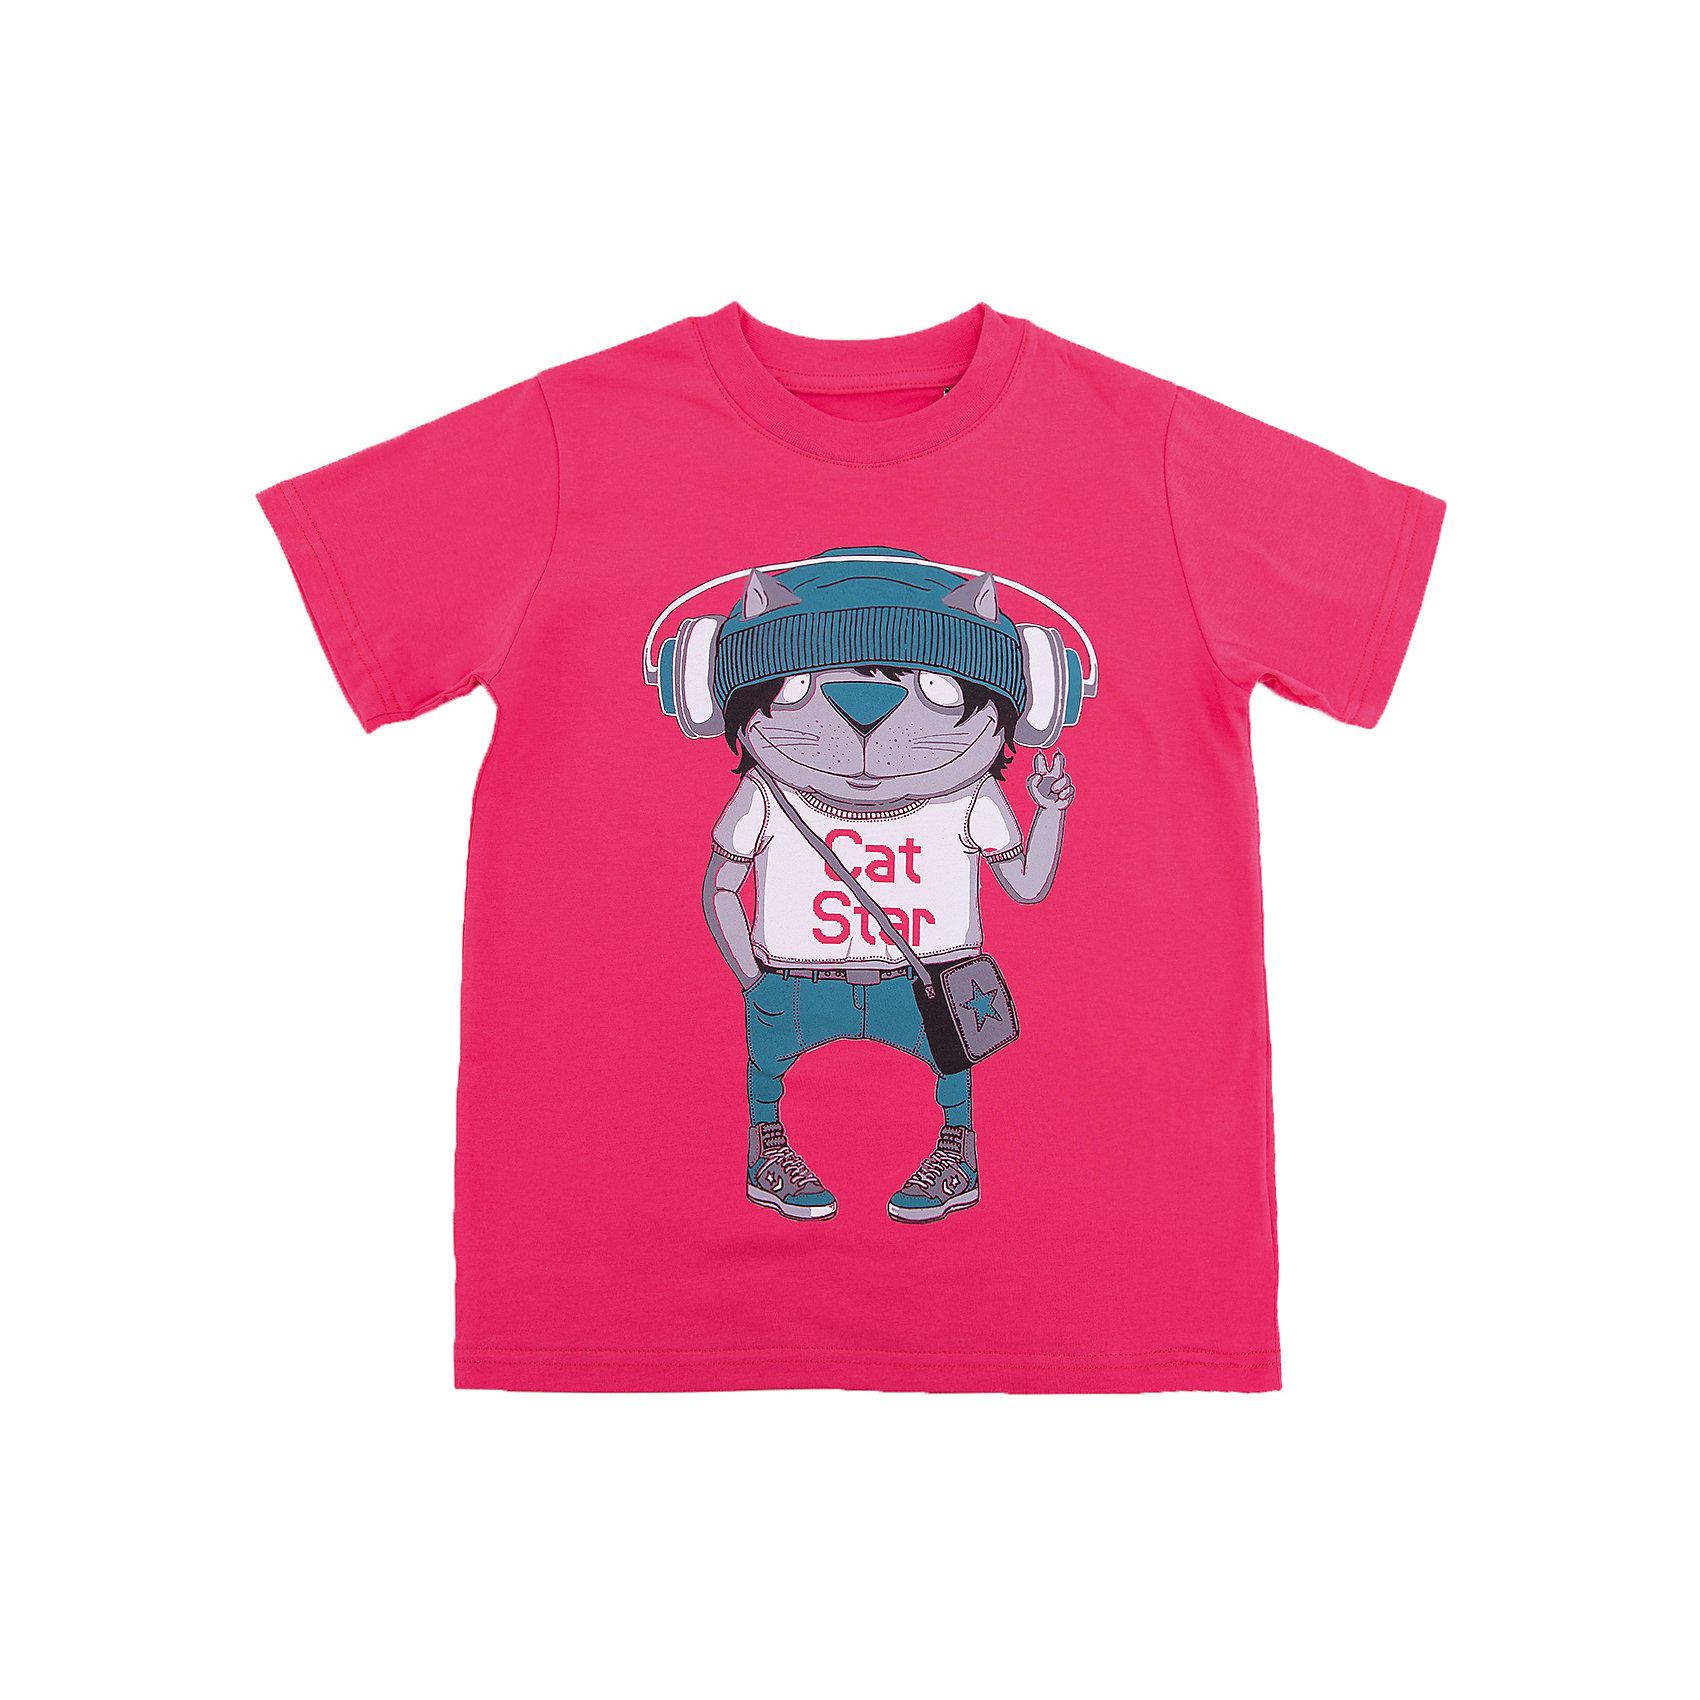 Футболка для мальчика WOWФутболки, поло и топы<br>Футболка для мальчика WOW<br>Незаменимой вещью в  гардеробе послужит футболка с коротким рукавом. Стильная и в тоже время комфортная модель, с яркой оригинальной печатью, будет превосходно смотреться на ребенке.<br>Состав:<br>кулирная гладь 100% хлопок<br><br>Ширина мм: 199<br>Глубина мм: 10<br>Высота мм: 161<br>Вес г: 151<br>Цвет: красный<br>Возраст от месяцев: 72<br>Возраст до месяцев: 84<br>Пол: Мужской<br>Возраст: Детский<br>Размер: 122,98,104,110,116<br>SKU: 6871620